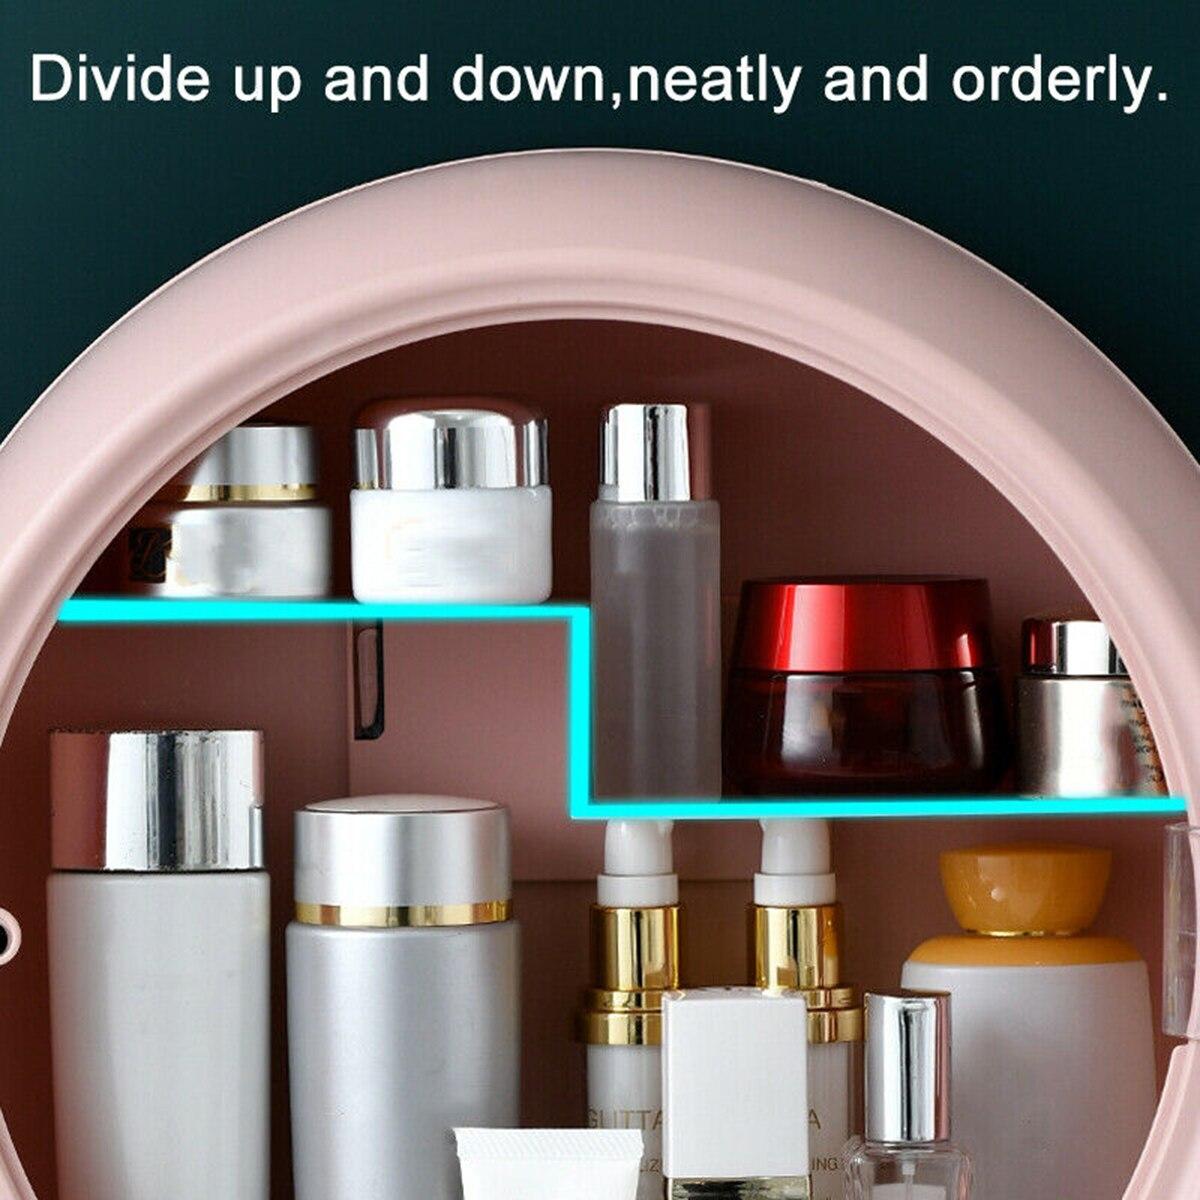 펀치 없음 벽 마운트 화장품 보관 상자 방수 및 방진 욕실 주최자 뷰티 세면 용품 키트 메이크업 박스